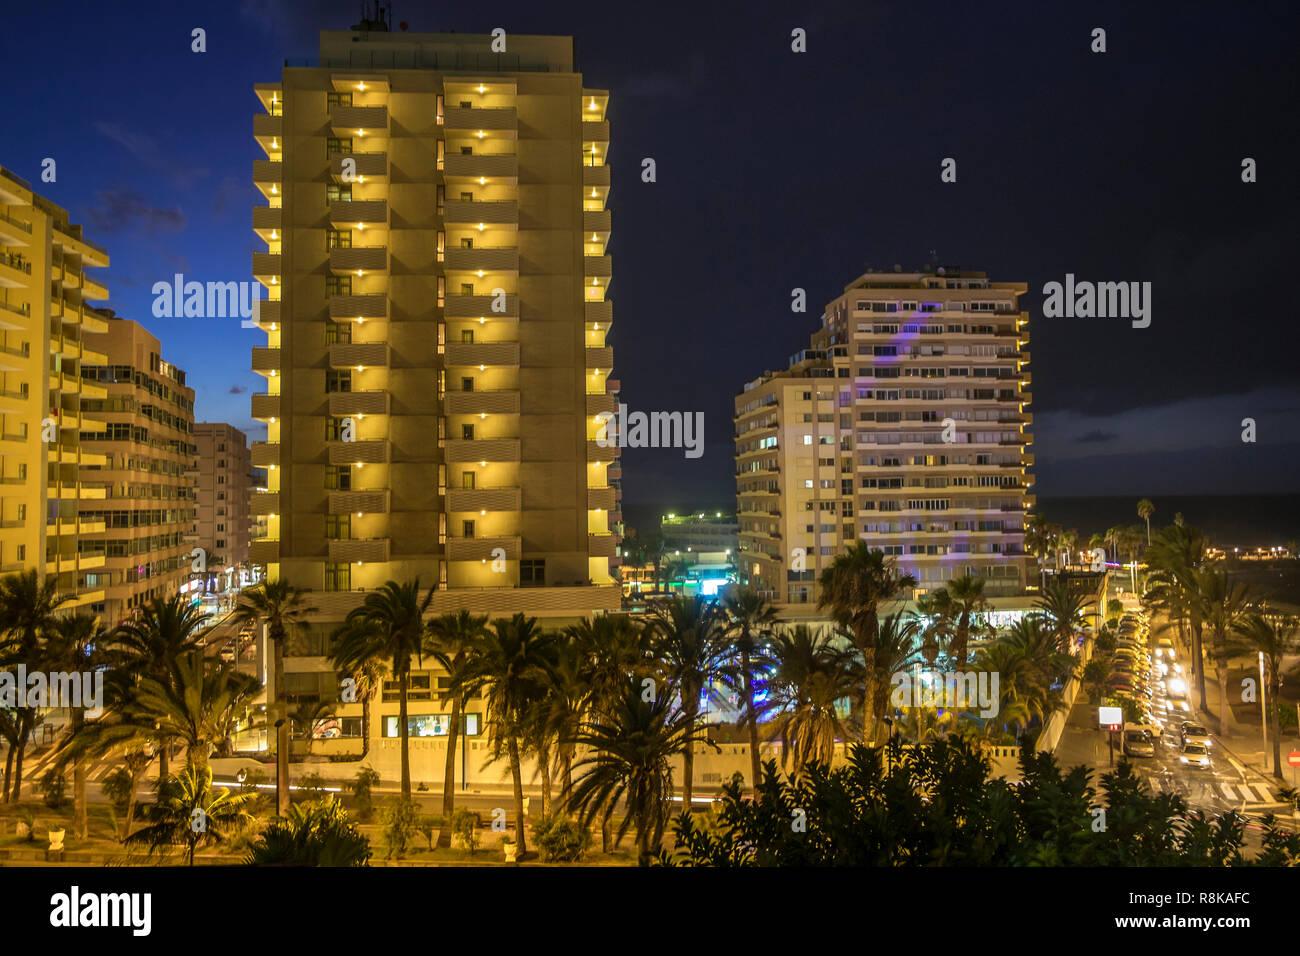 Nachtaufnahme in Puerto de la Cruz, Teneriffa - Stock Image